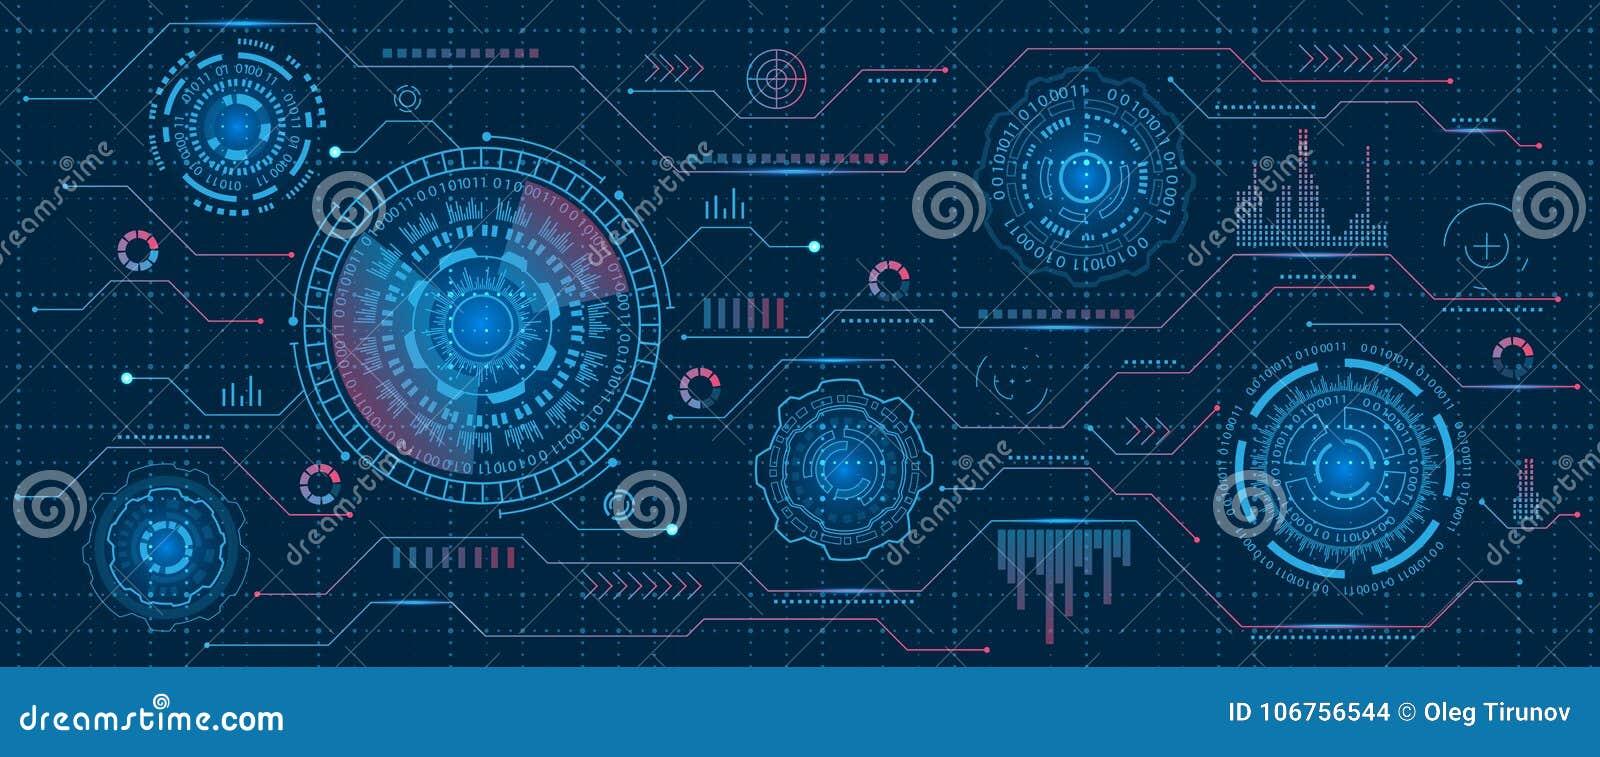 Interfaz futurista Hud Design, elementos de Infographic, tecnología y ciencia, tema del análisis, plantilla UI para el App y virt